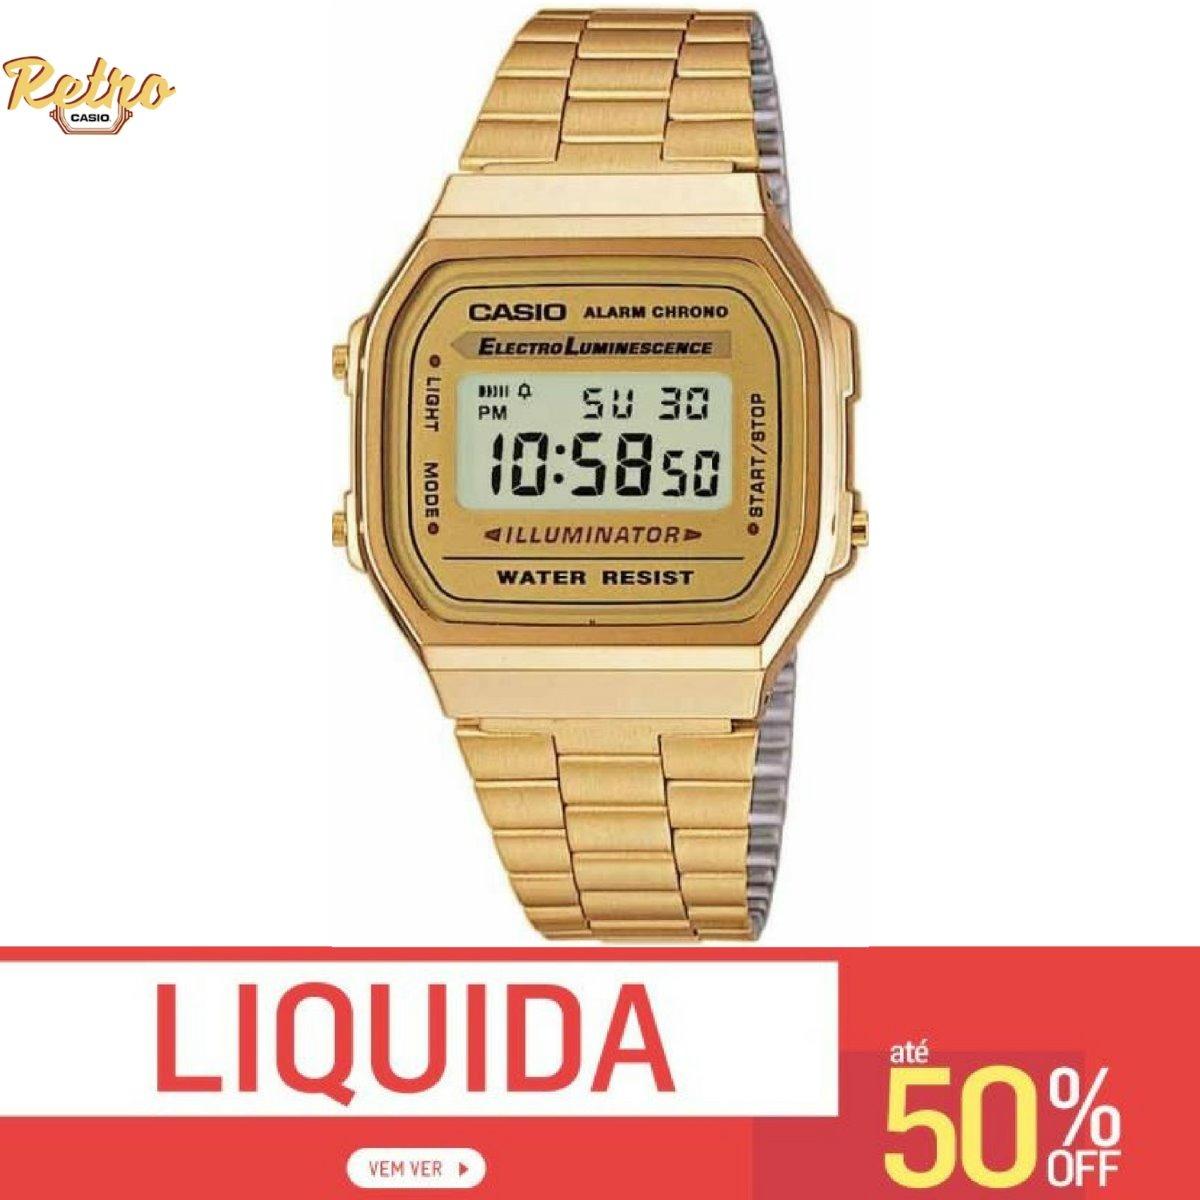 f9c84424ec6 Relogio Casio Retro Vintage Unissex A168 Dourado Original - R  120 ...